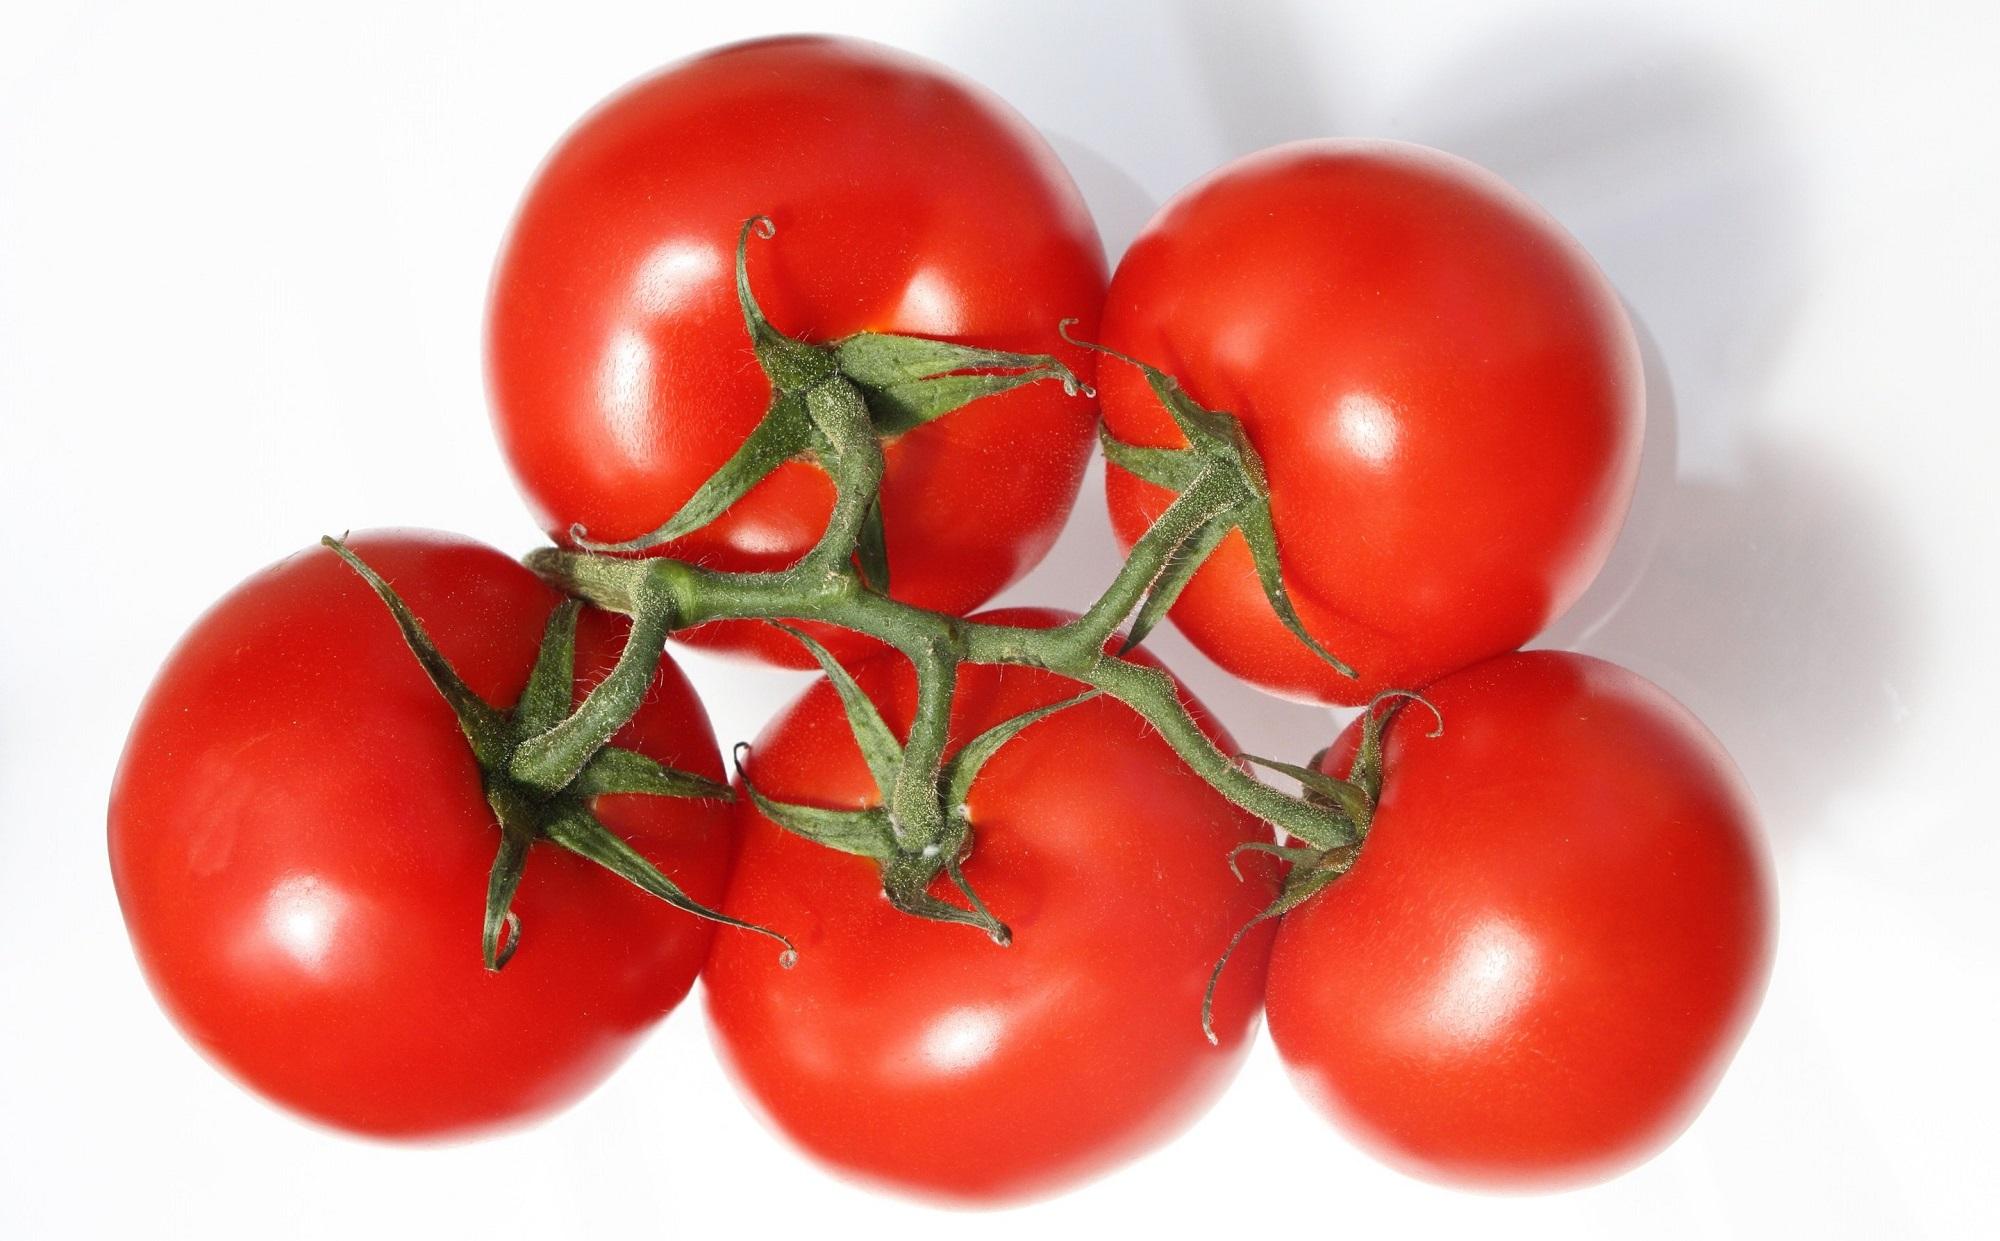 میوه های قرمز ، گوجه فرنگی جلوگیری از ابتلا به انواع سرطان ها